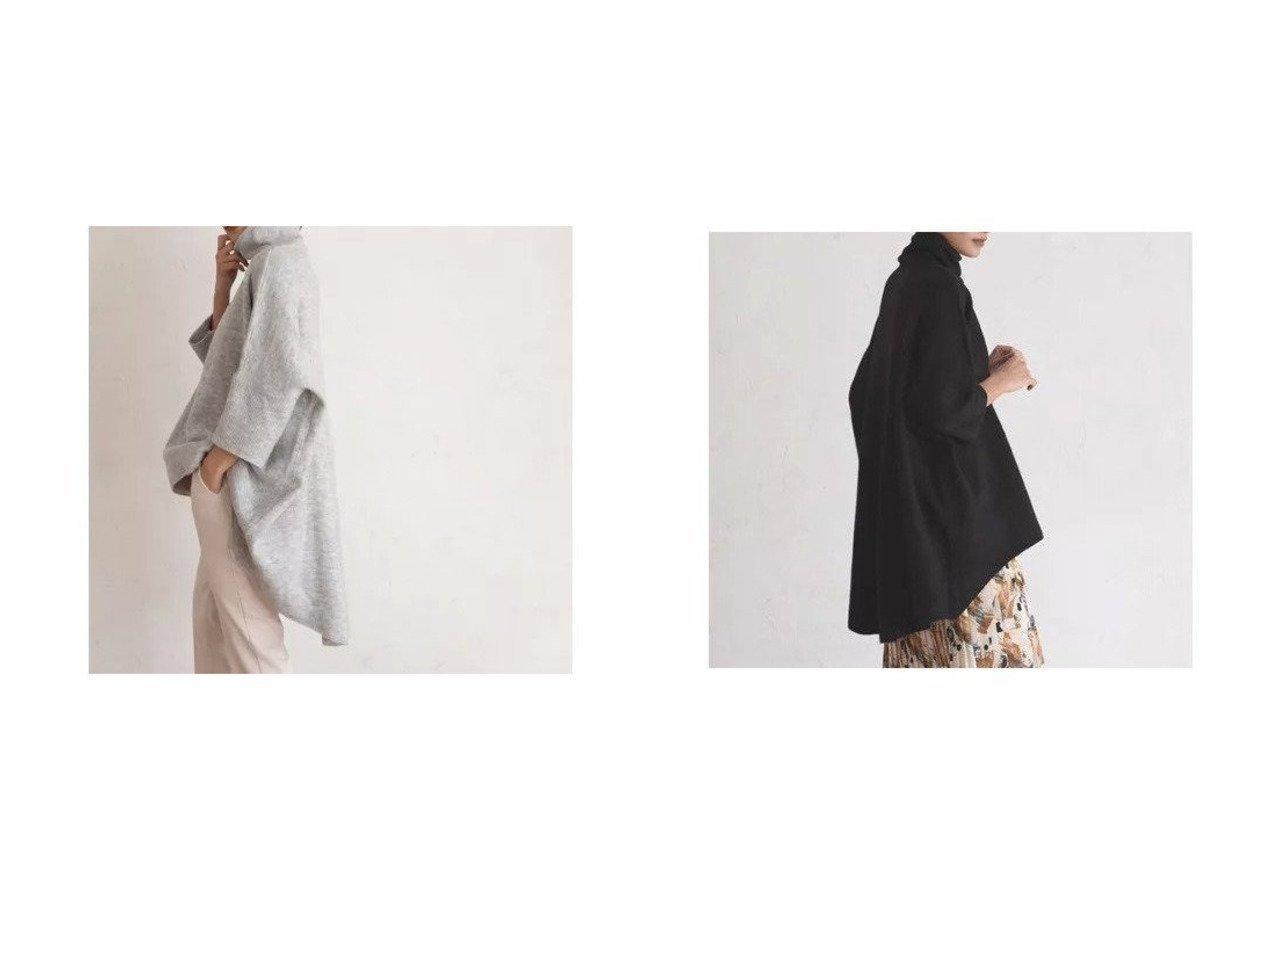 【marjour/マージュール】のHIGHNECK PONCHO KNIT トップス・カットソーのおすすめ!人気、トレンド・レディースファッションの通販 おすすめで人気の流行・トレンド、ファッションの通販商品 メンズファッション・キッズファッション・インテリア・家具・レディースファッション・服の通販 founy(ファニー) https://founy.com/ ファッション Fashion レディースファッション WOMEN トップス カットソー Tops Tshirt ニット Knit Tops タートルネック Turtleneck おすすめ Recommend カットソー セーター タートルネック トレンド バランス バングル ブレスレット ベーシック マニッシュ 冬 Winter 春 Spring |ID:crp329100000023051